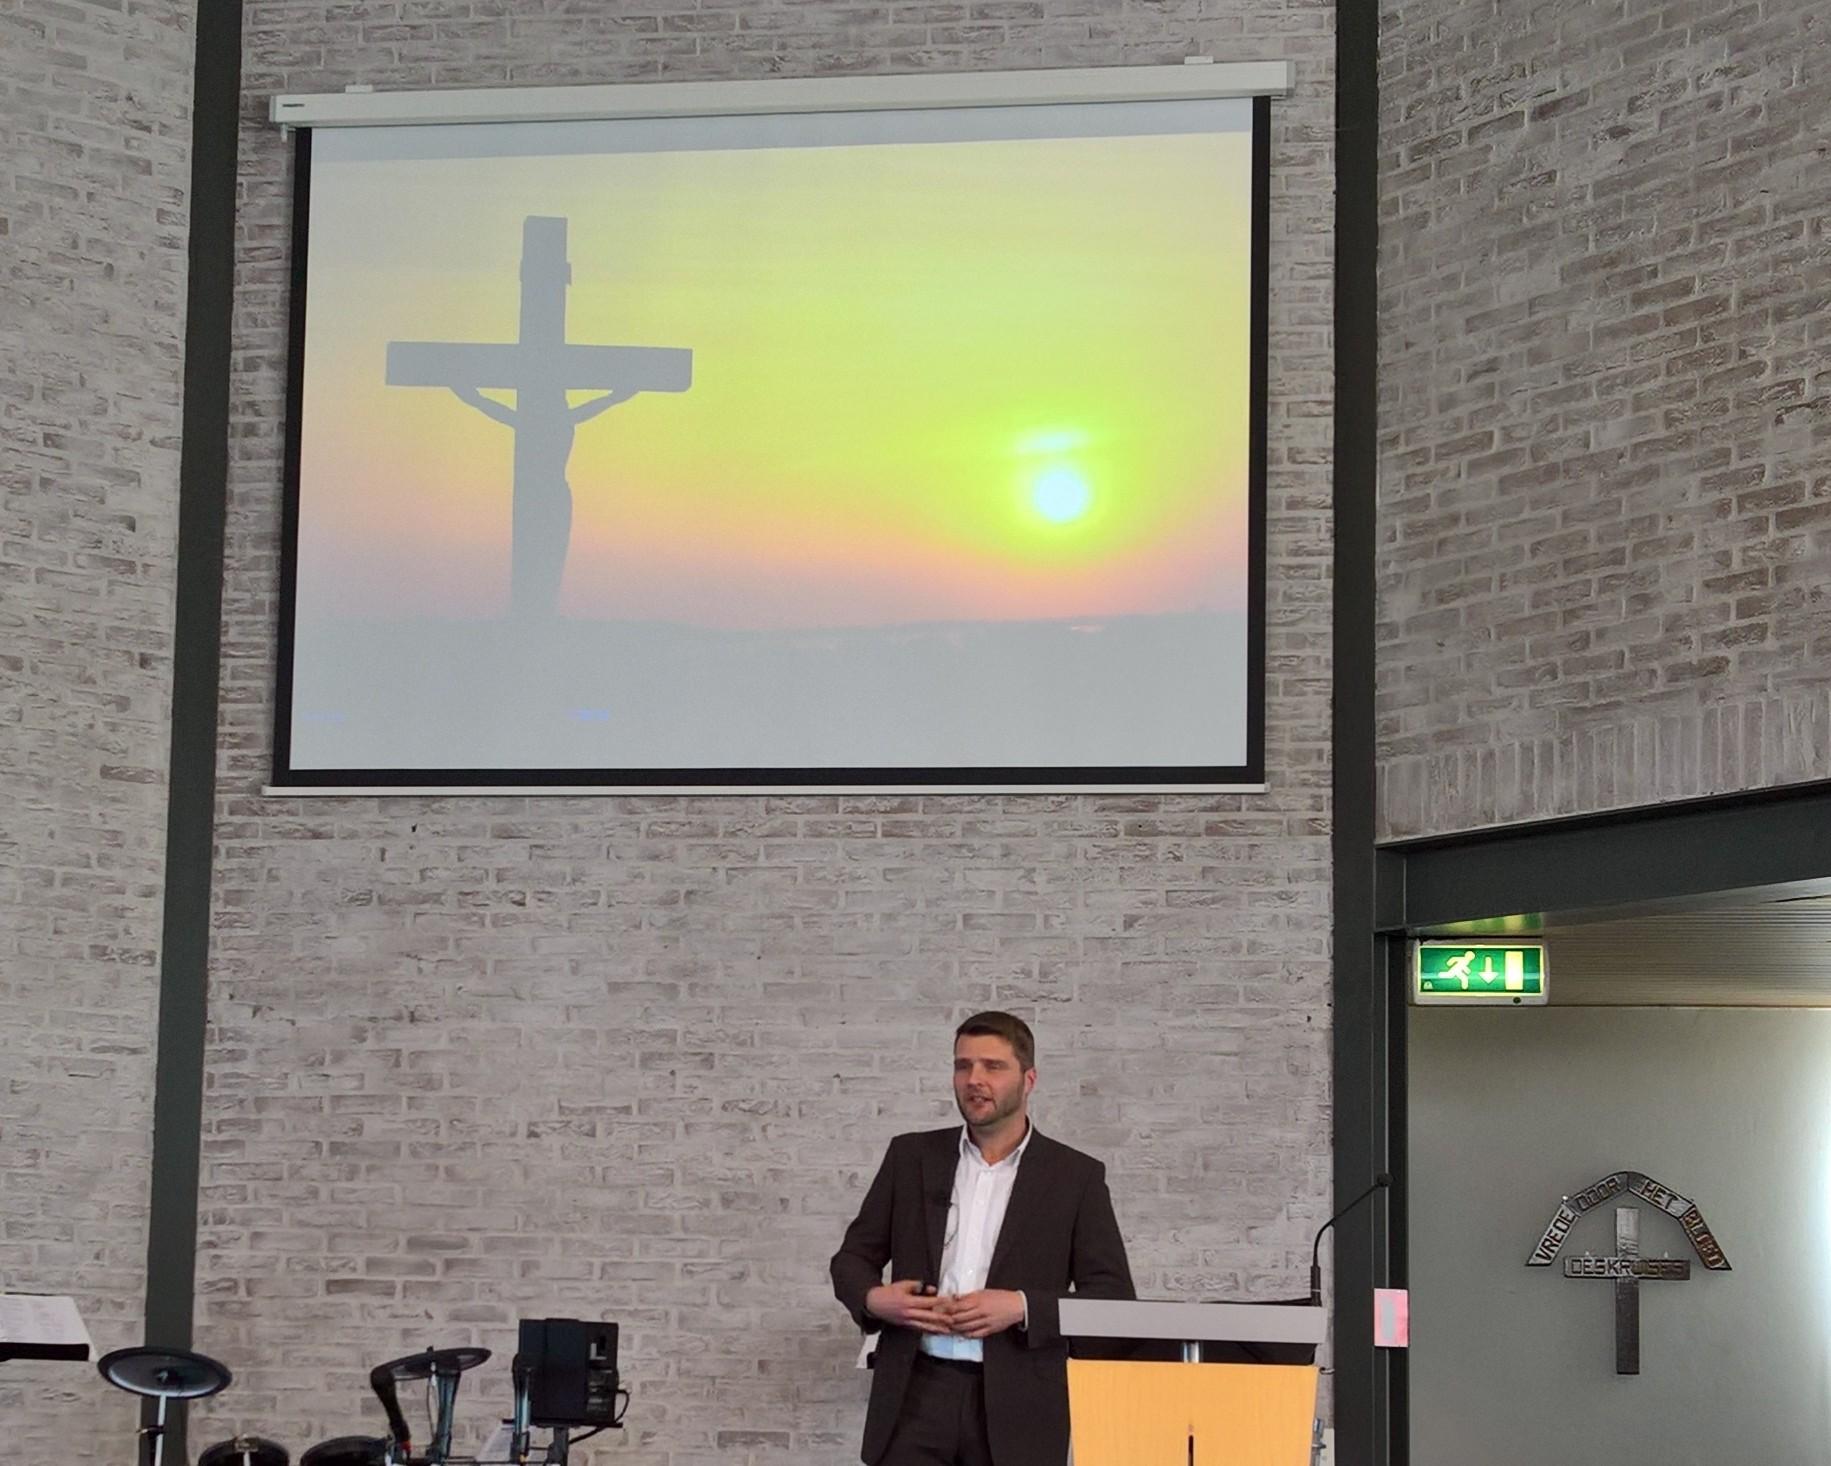 ik ben de kerk, deel 3: voorkeuren en verlangens, de gezindheid van Christus